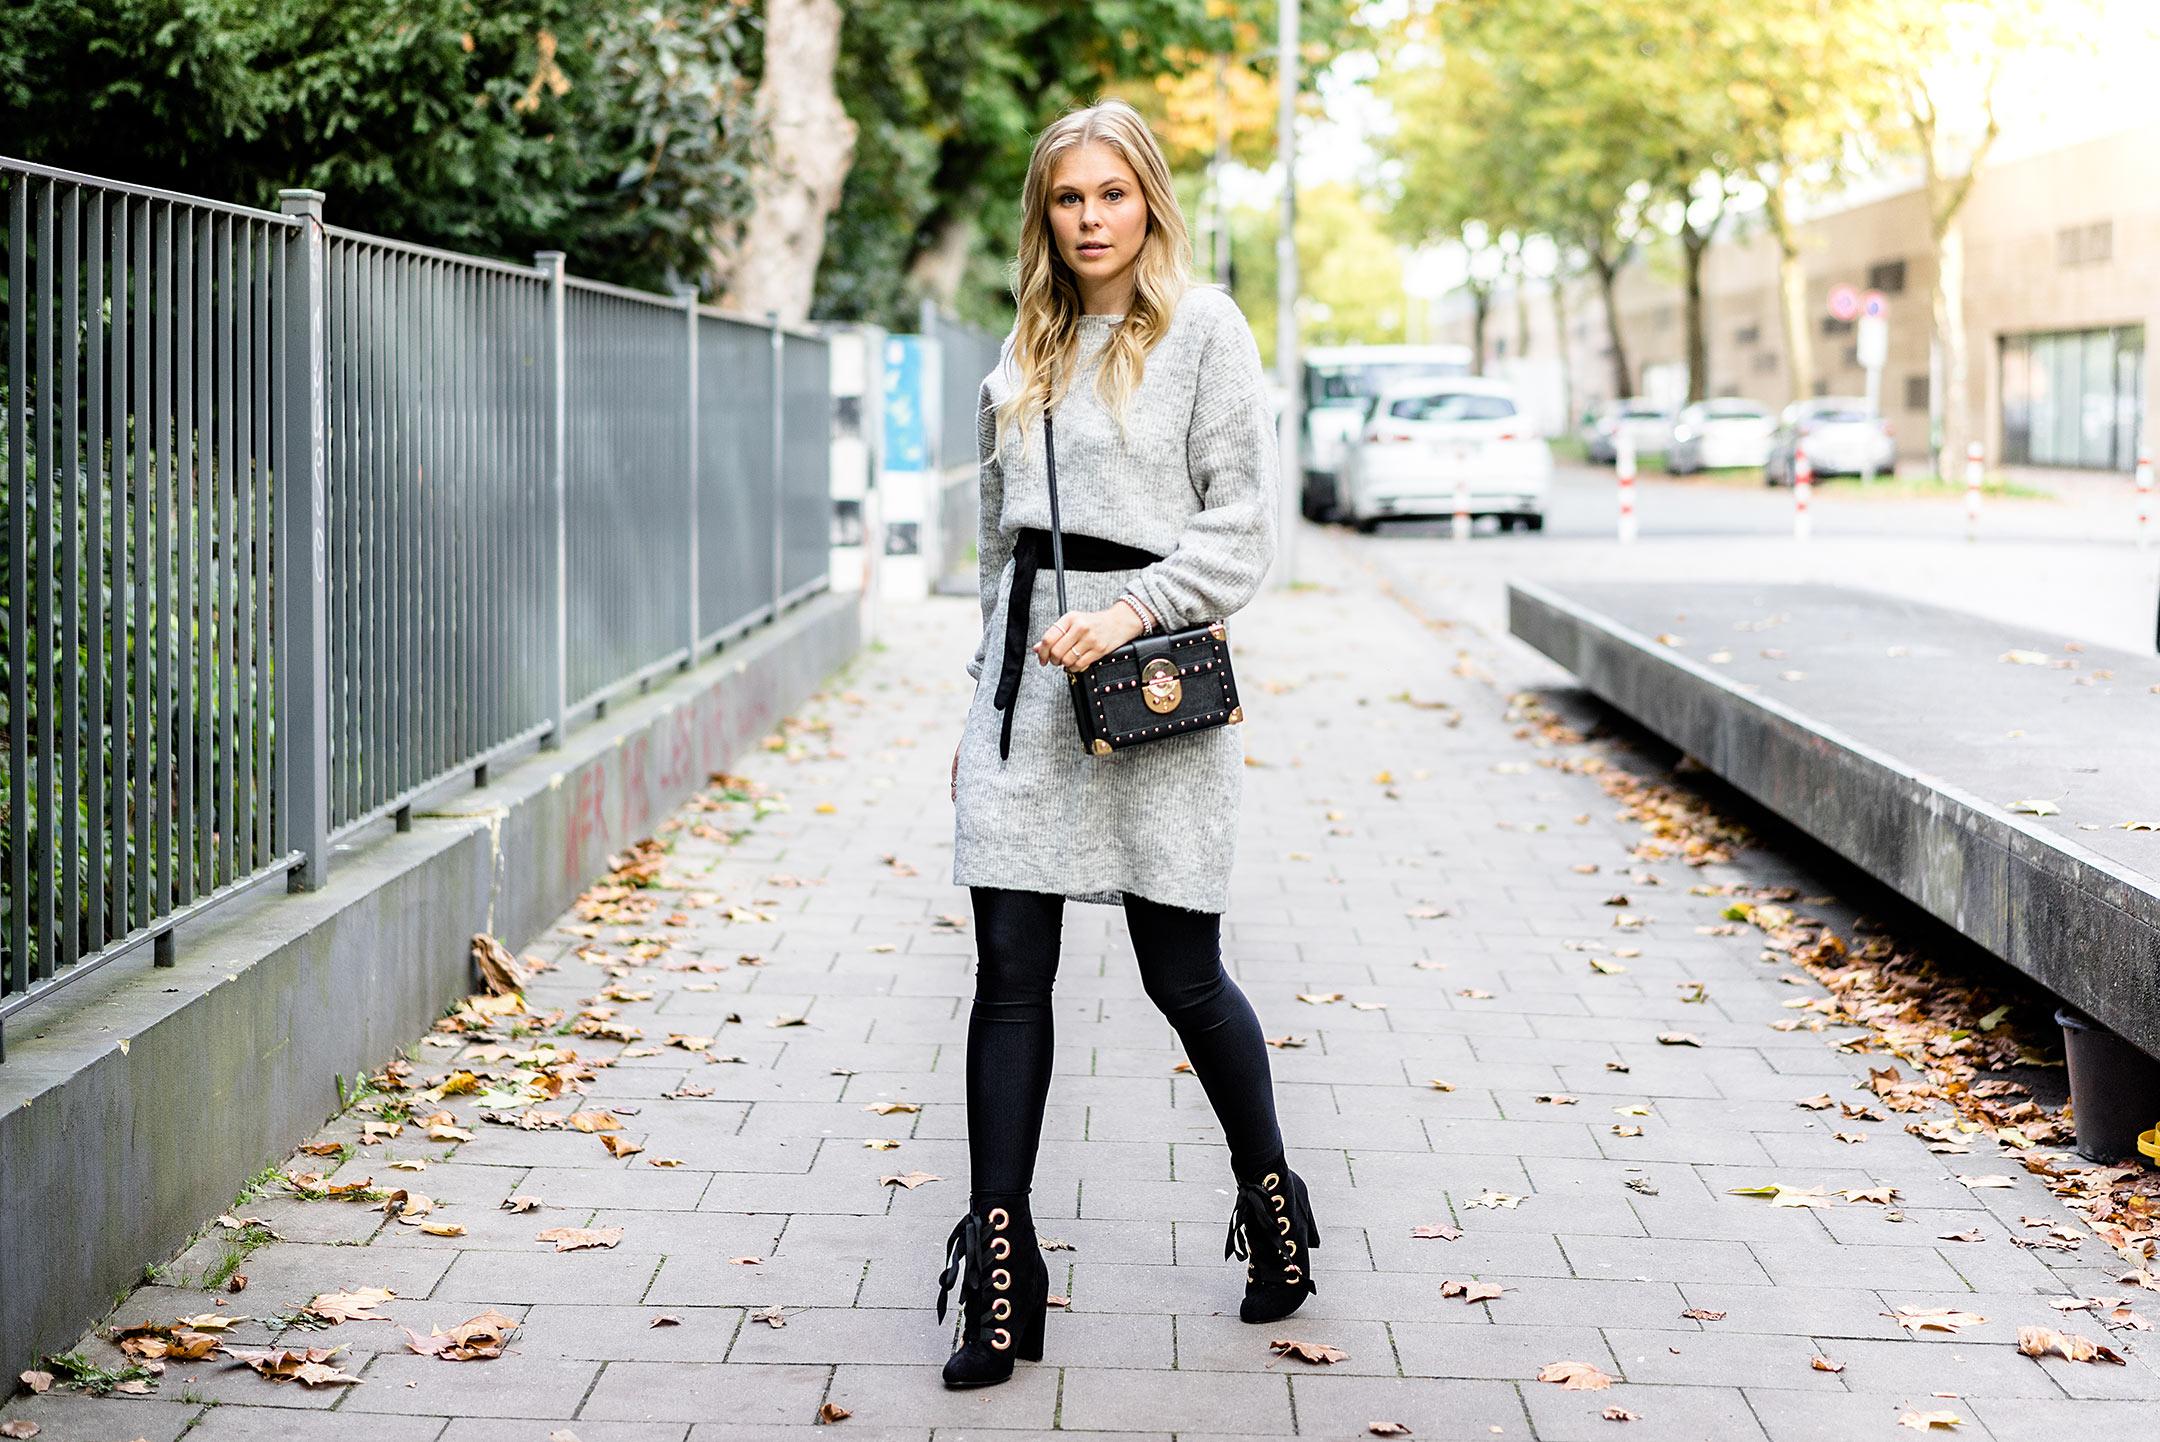 Strickkleid Outfit Schnürboots Herbst Modeblog Sunnyinga